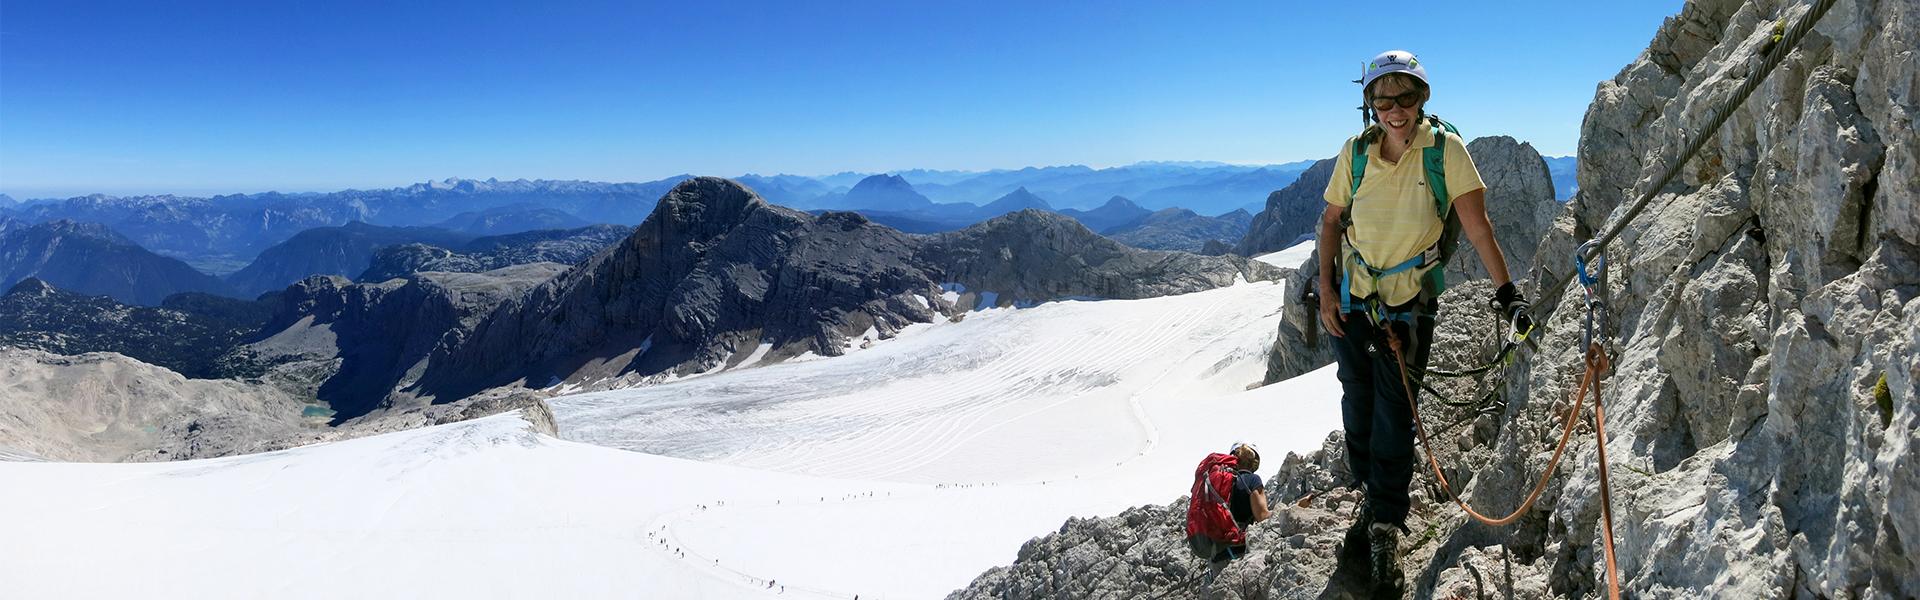 Bergsteigerin am Schultersteig auf den Dachstein